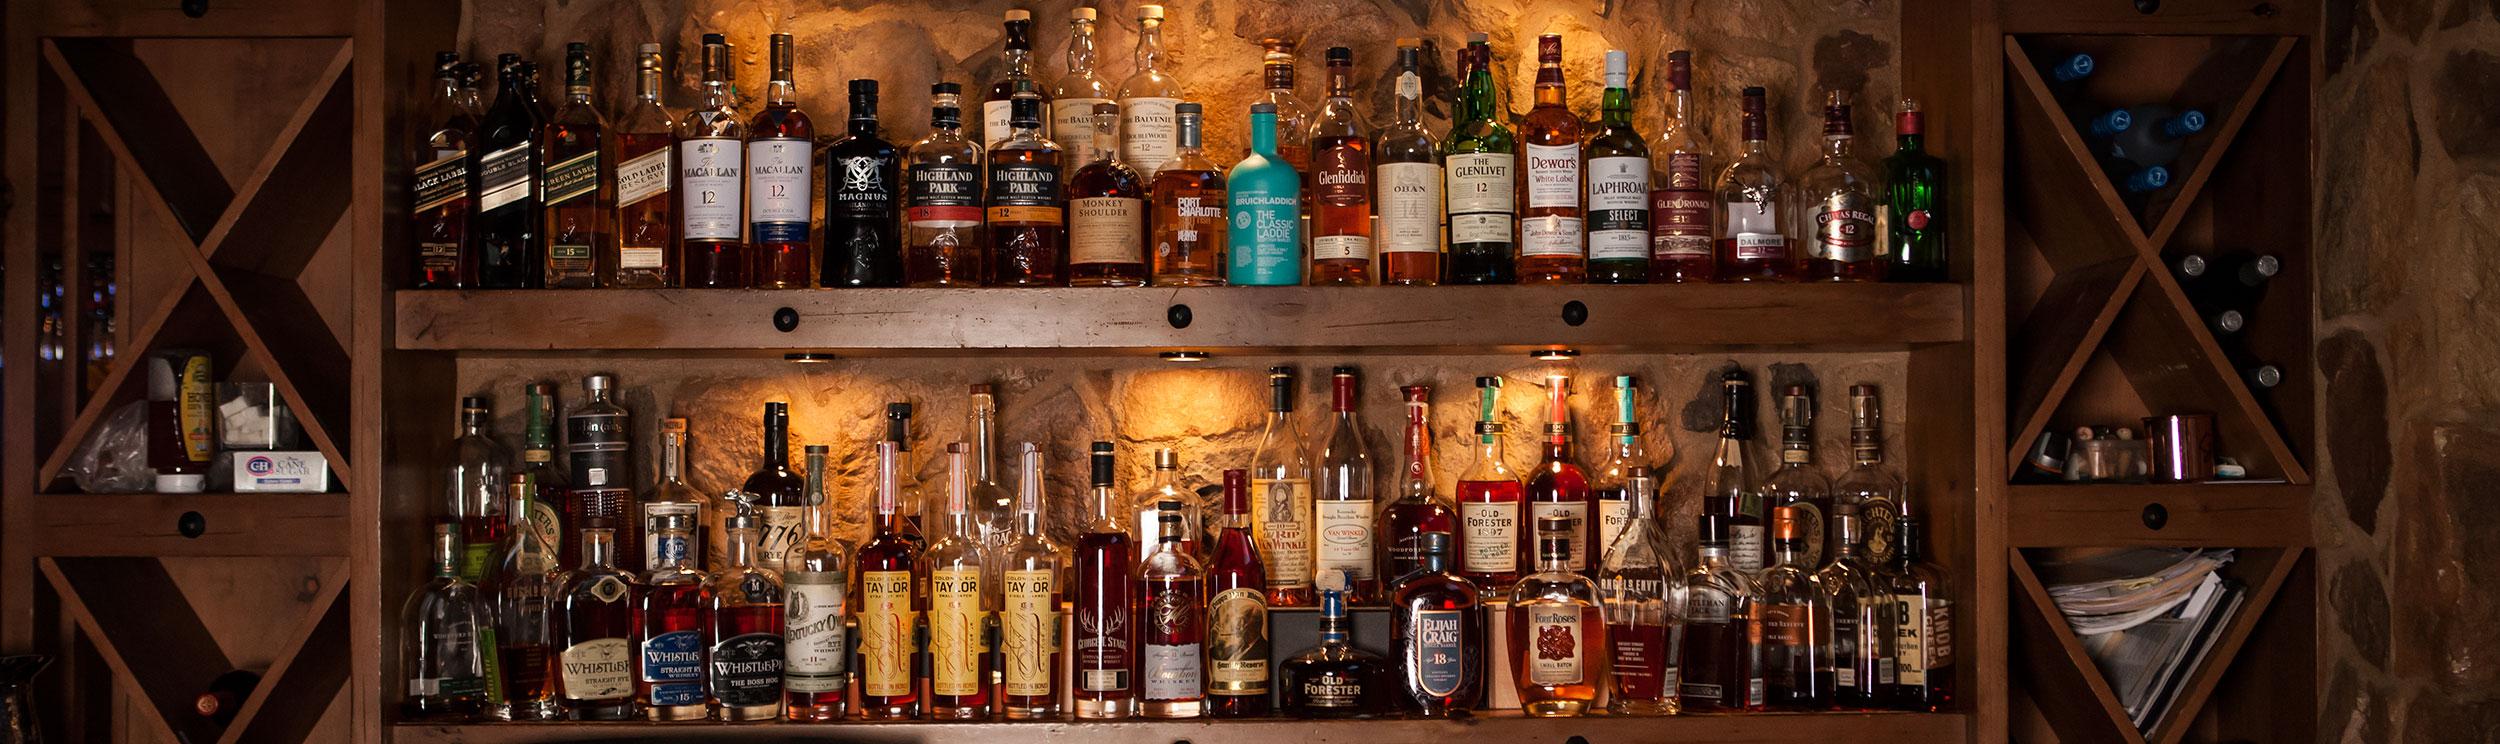 fresno-whiskey-bar-1